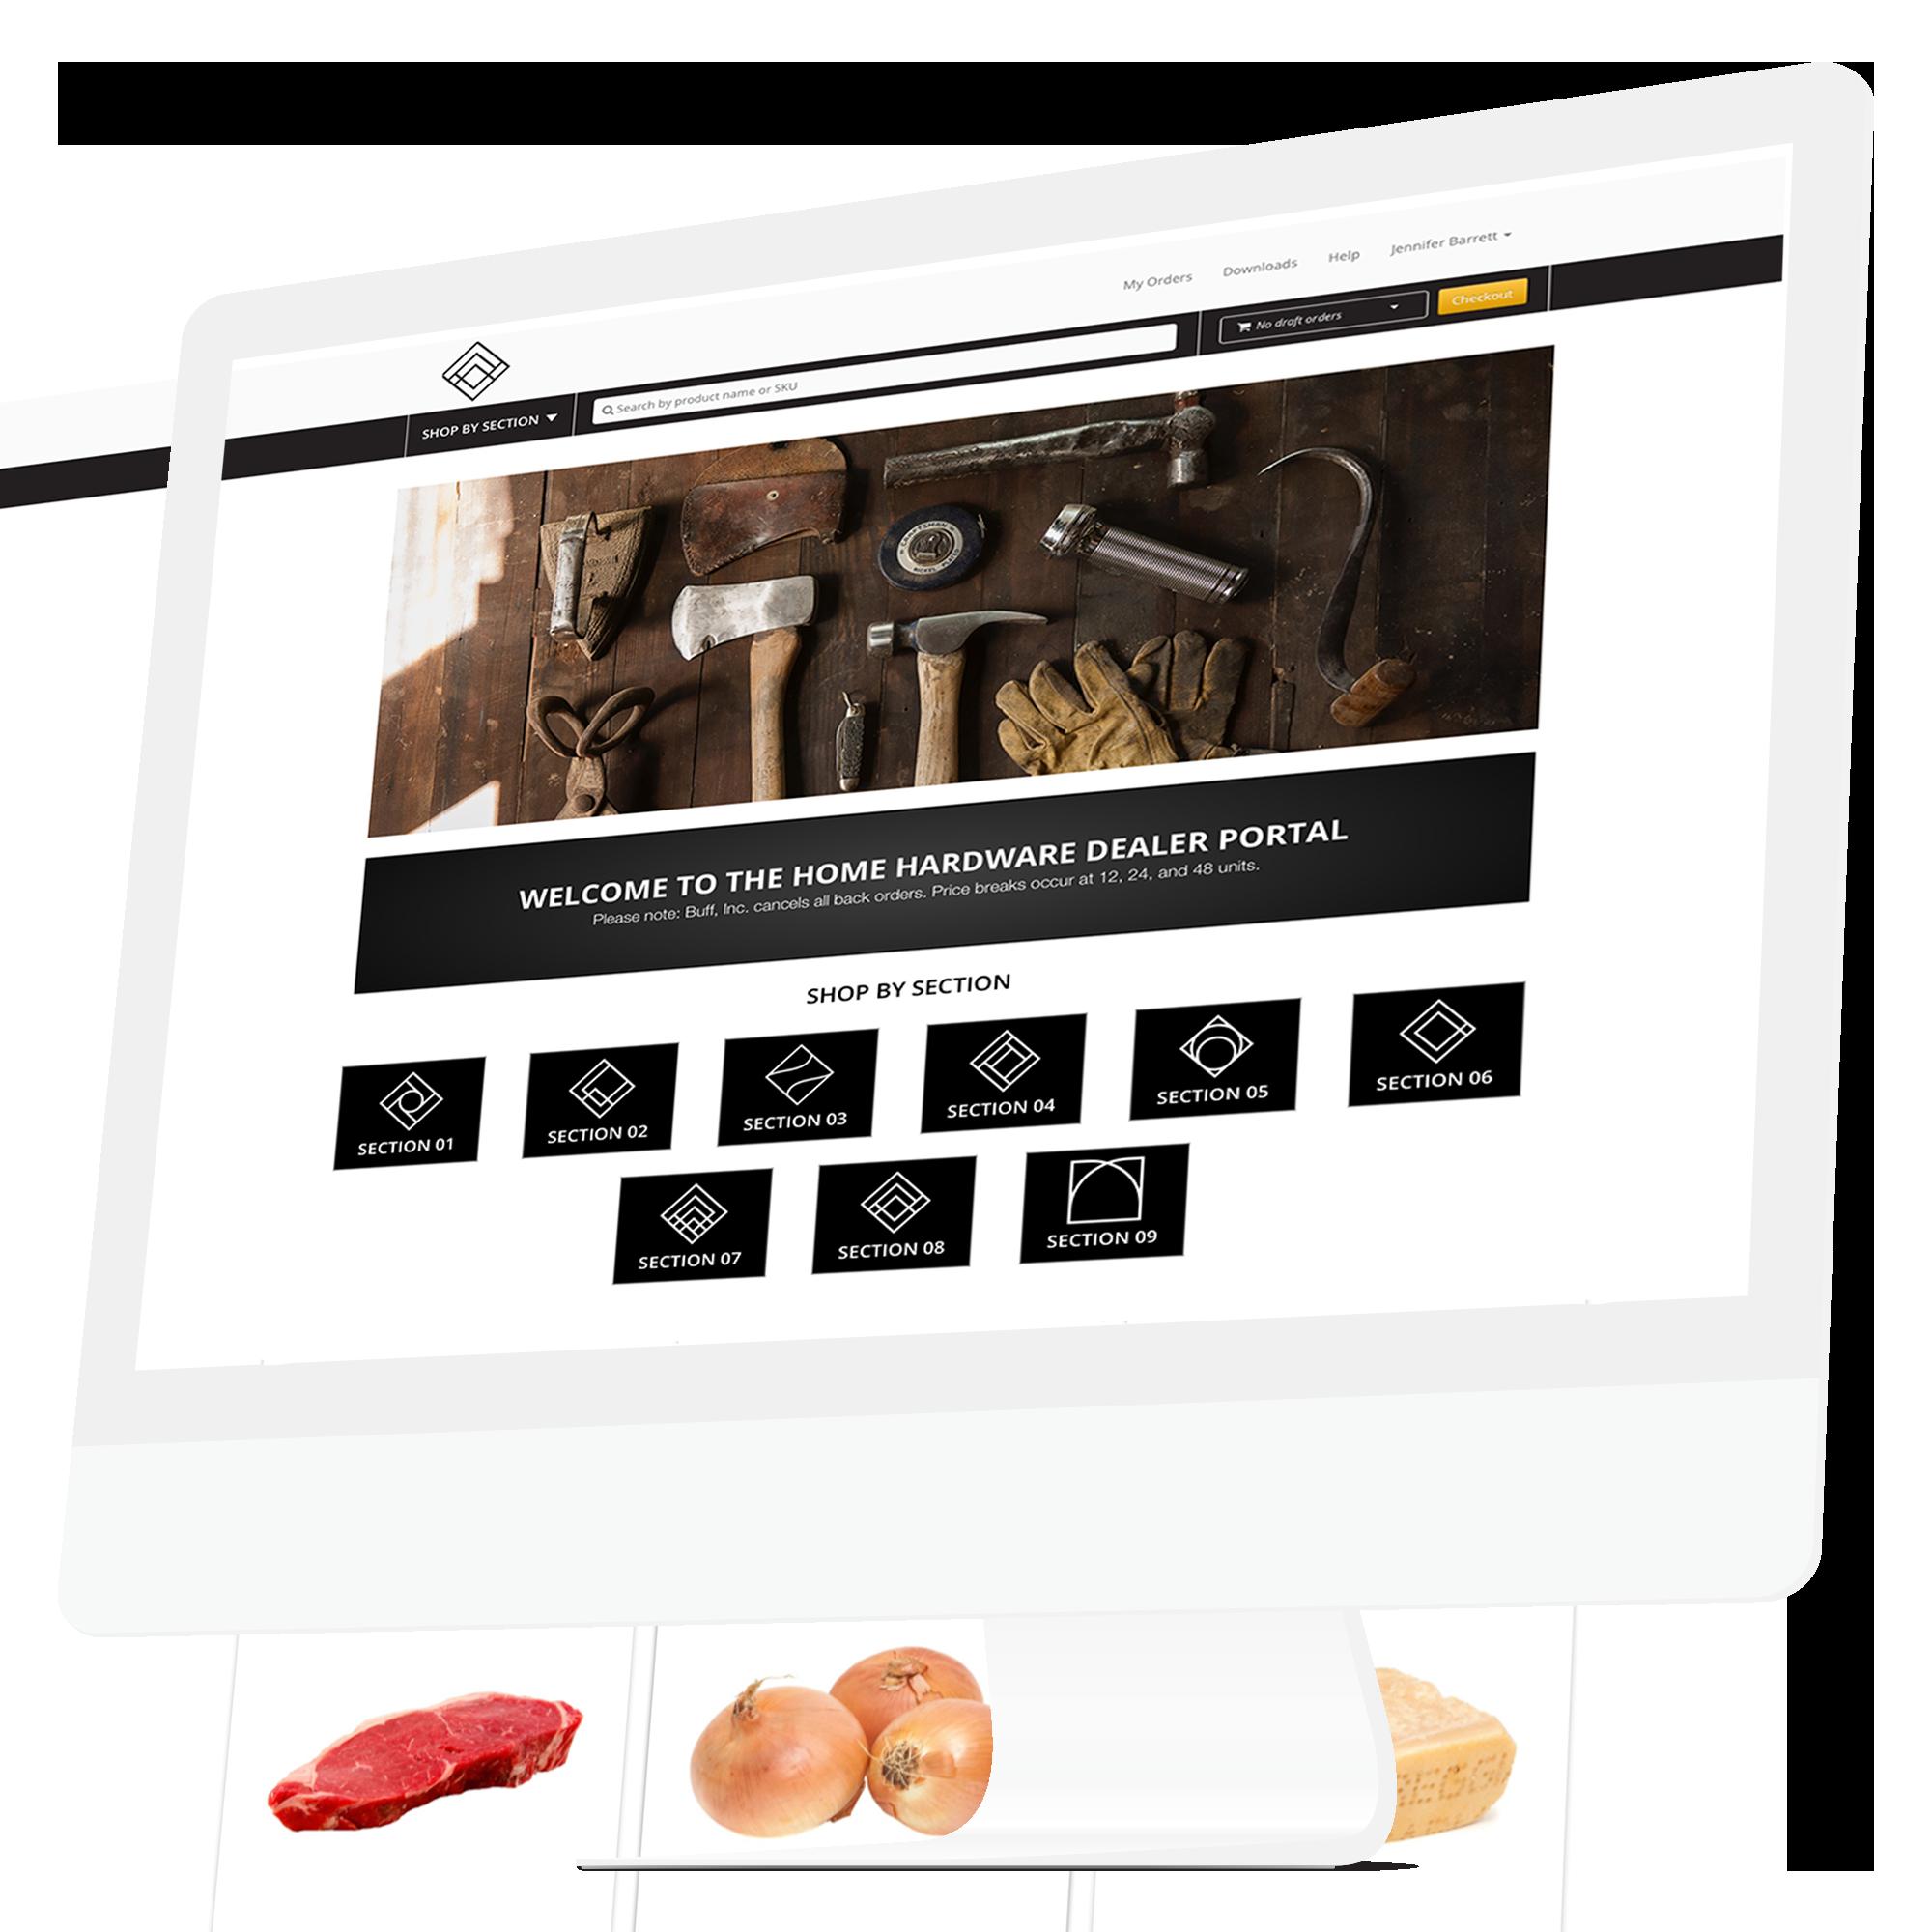 Handshake Demo - Handshake Direct B2B eCommerce Website